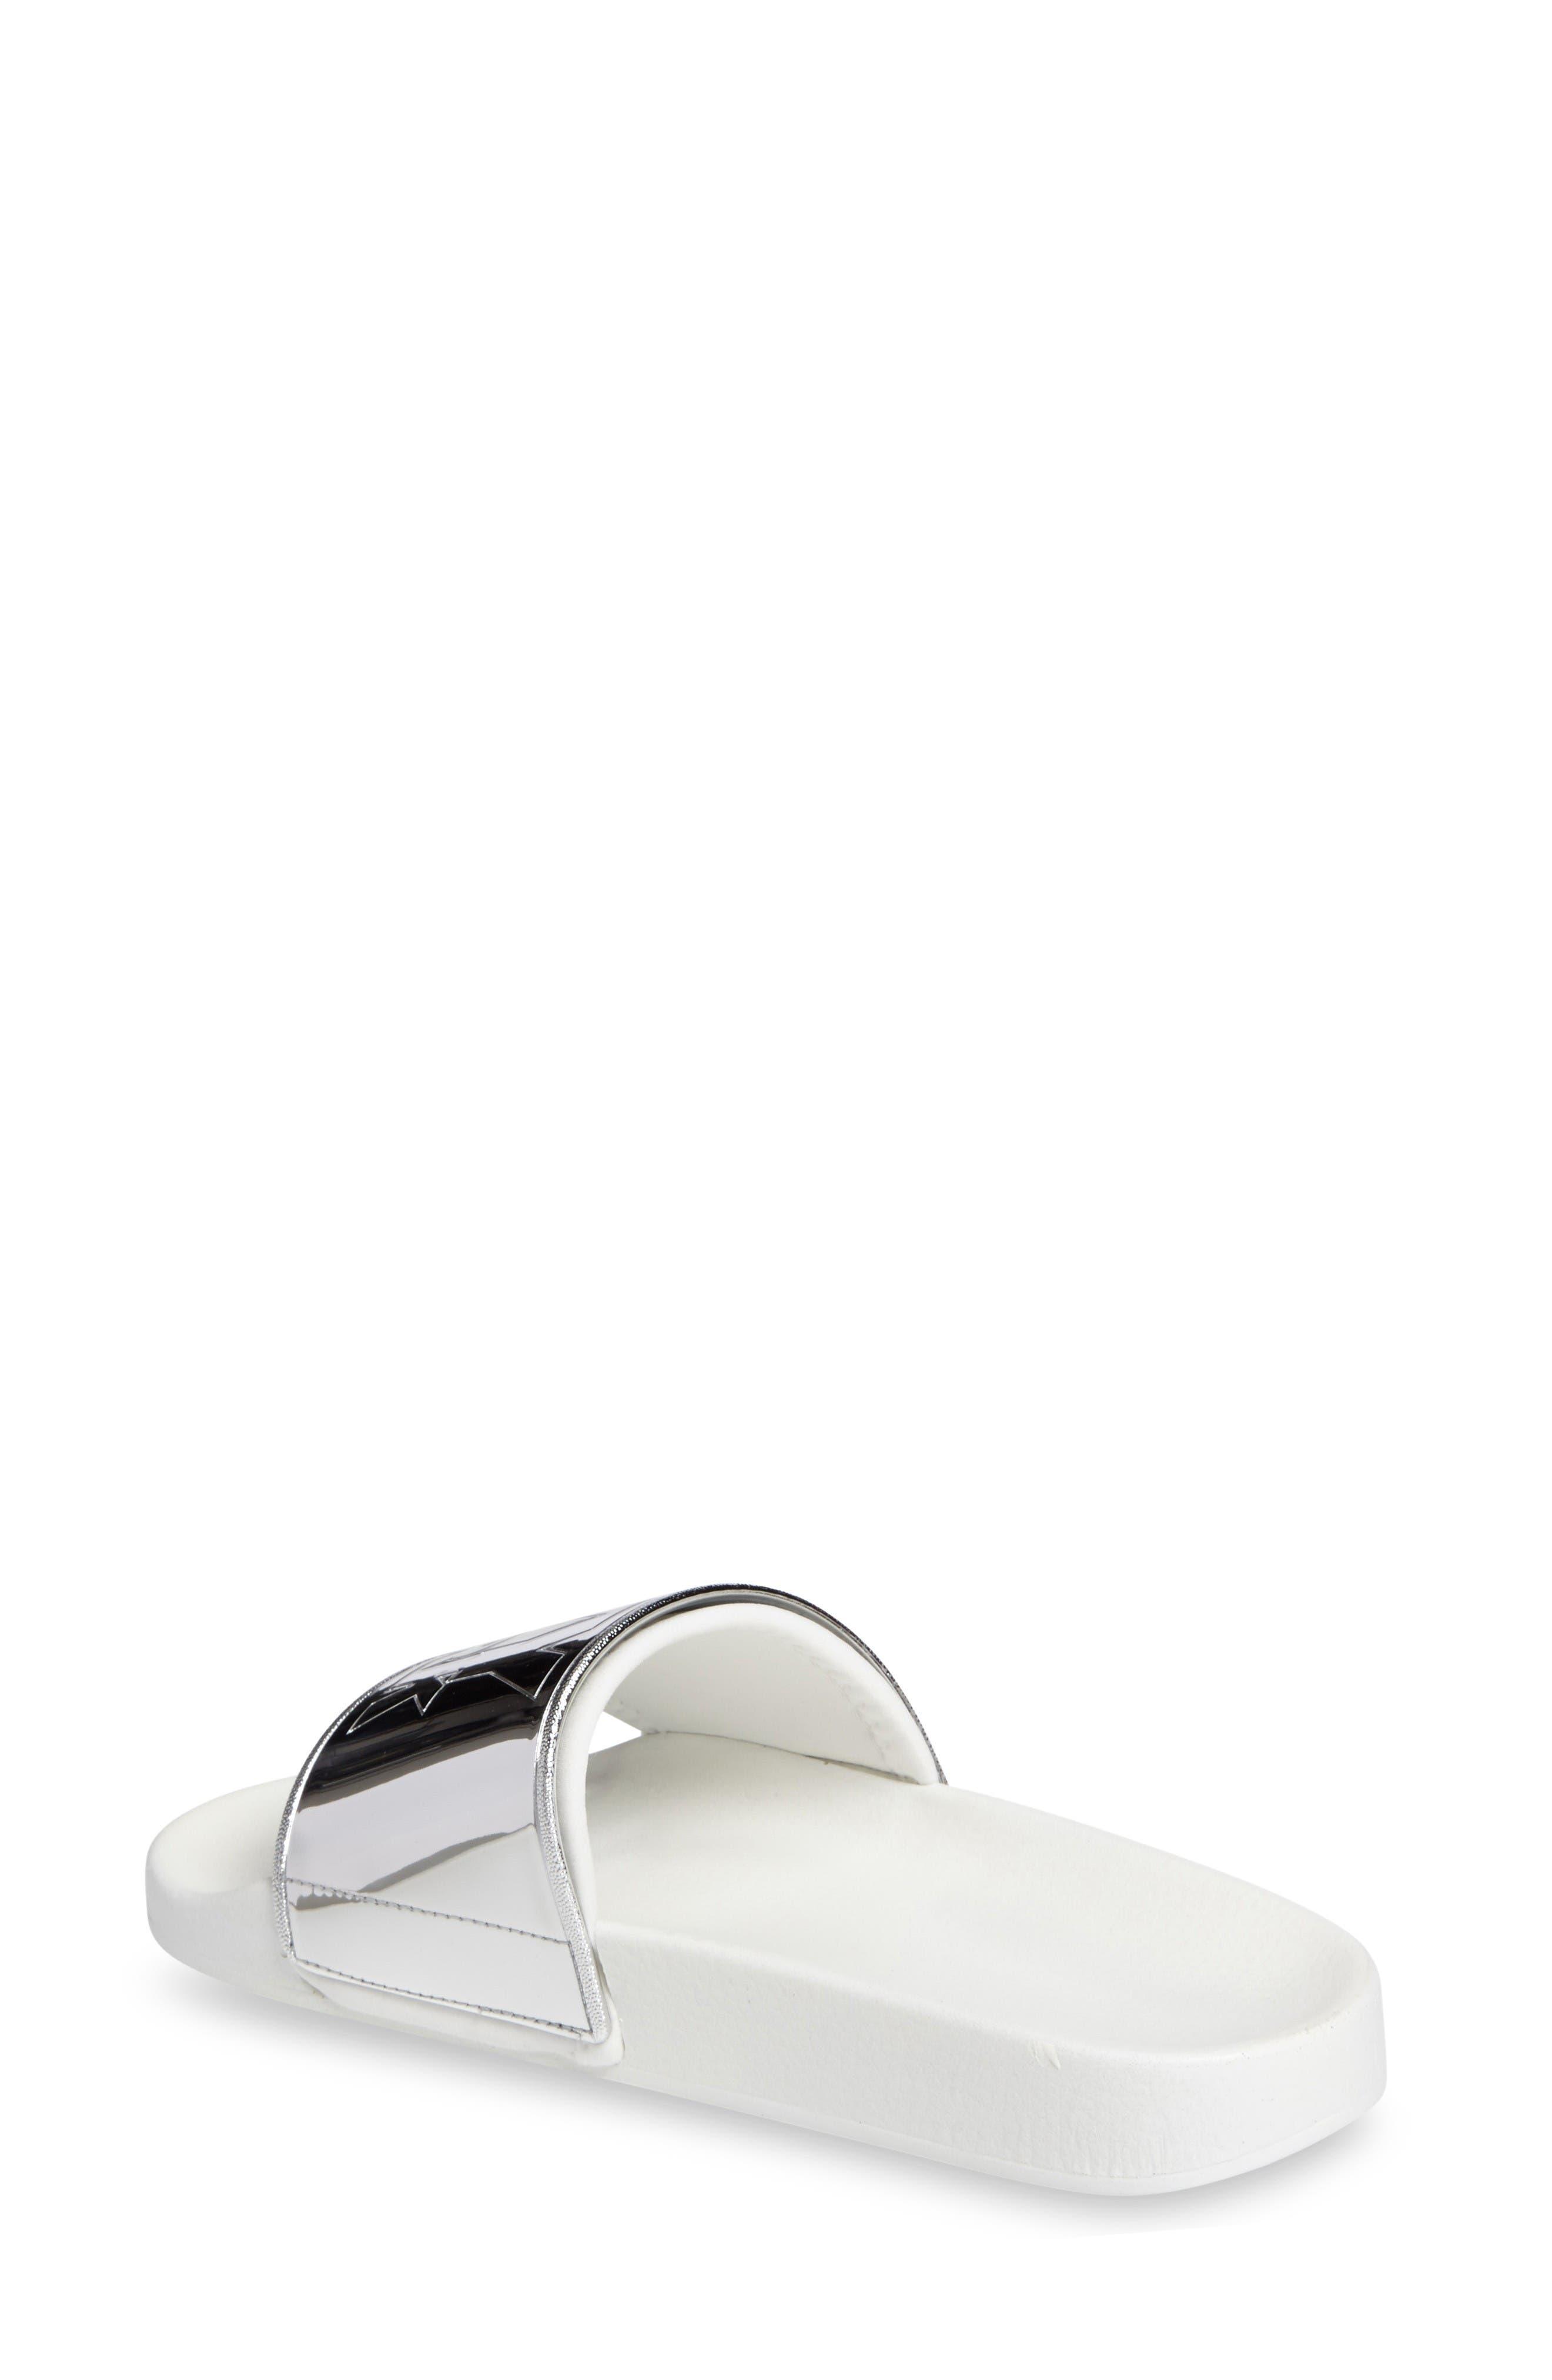 Alternate Image 2  - IVY PARK® Mirror Logo Slide Sandal (Women)